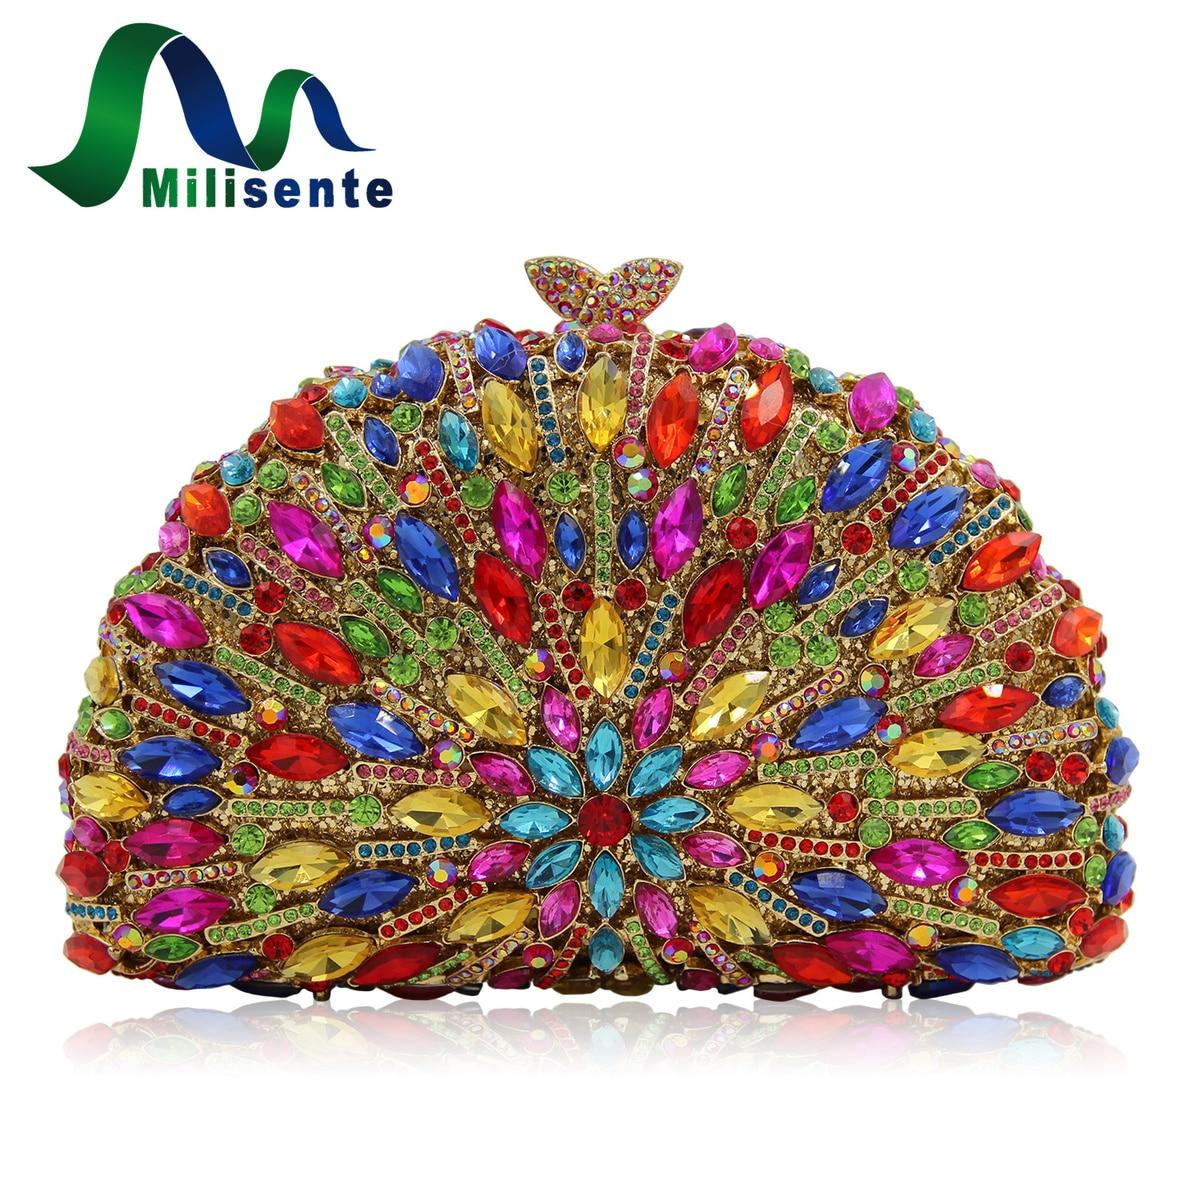 Milisente 10 Colores Mujeres de Lujo Del Rhinestone de Embrague Noche Bolsa de N